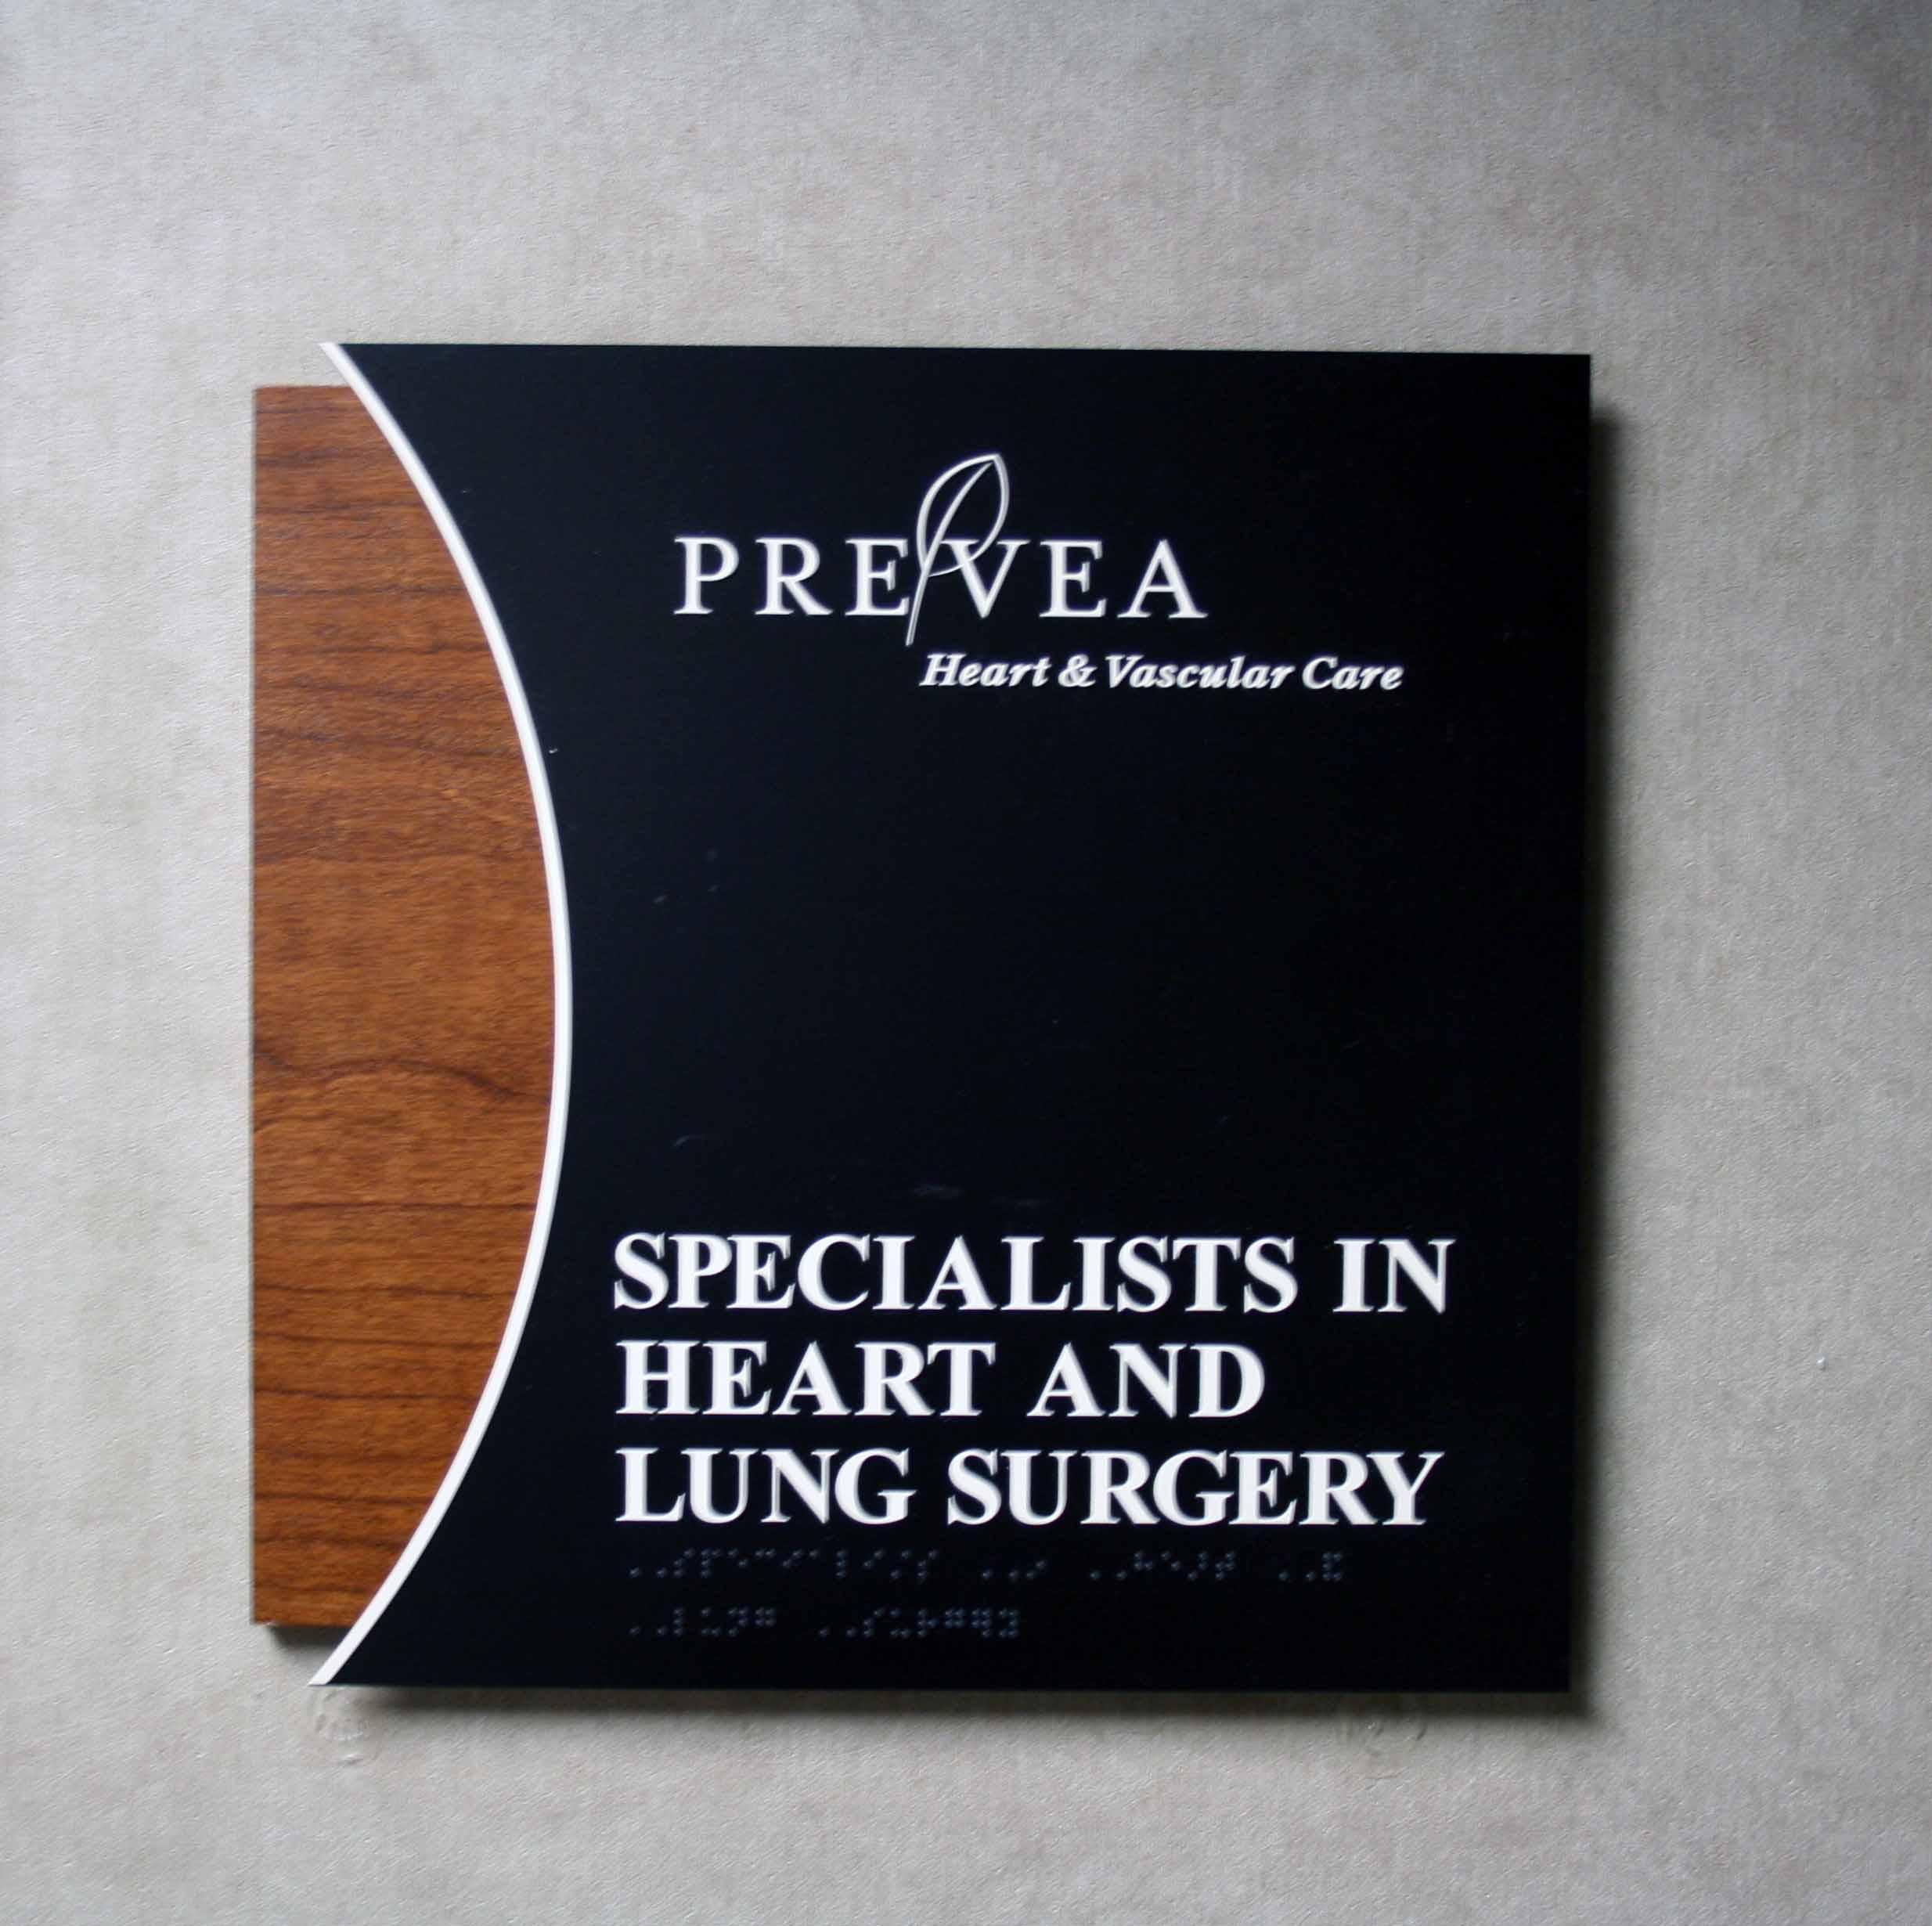 Preva Heart & Vascular Care